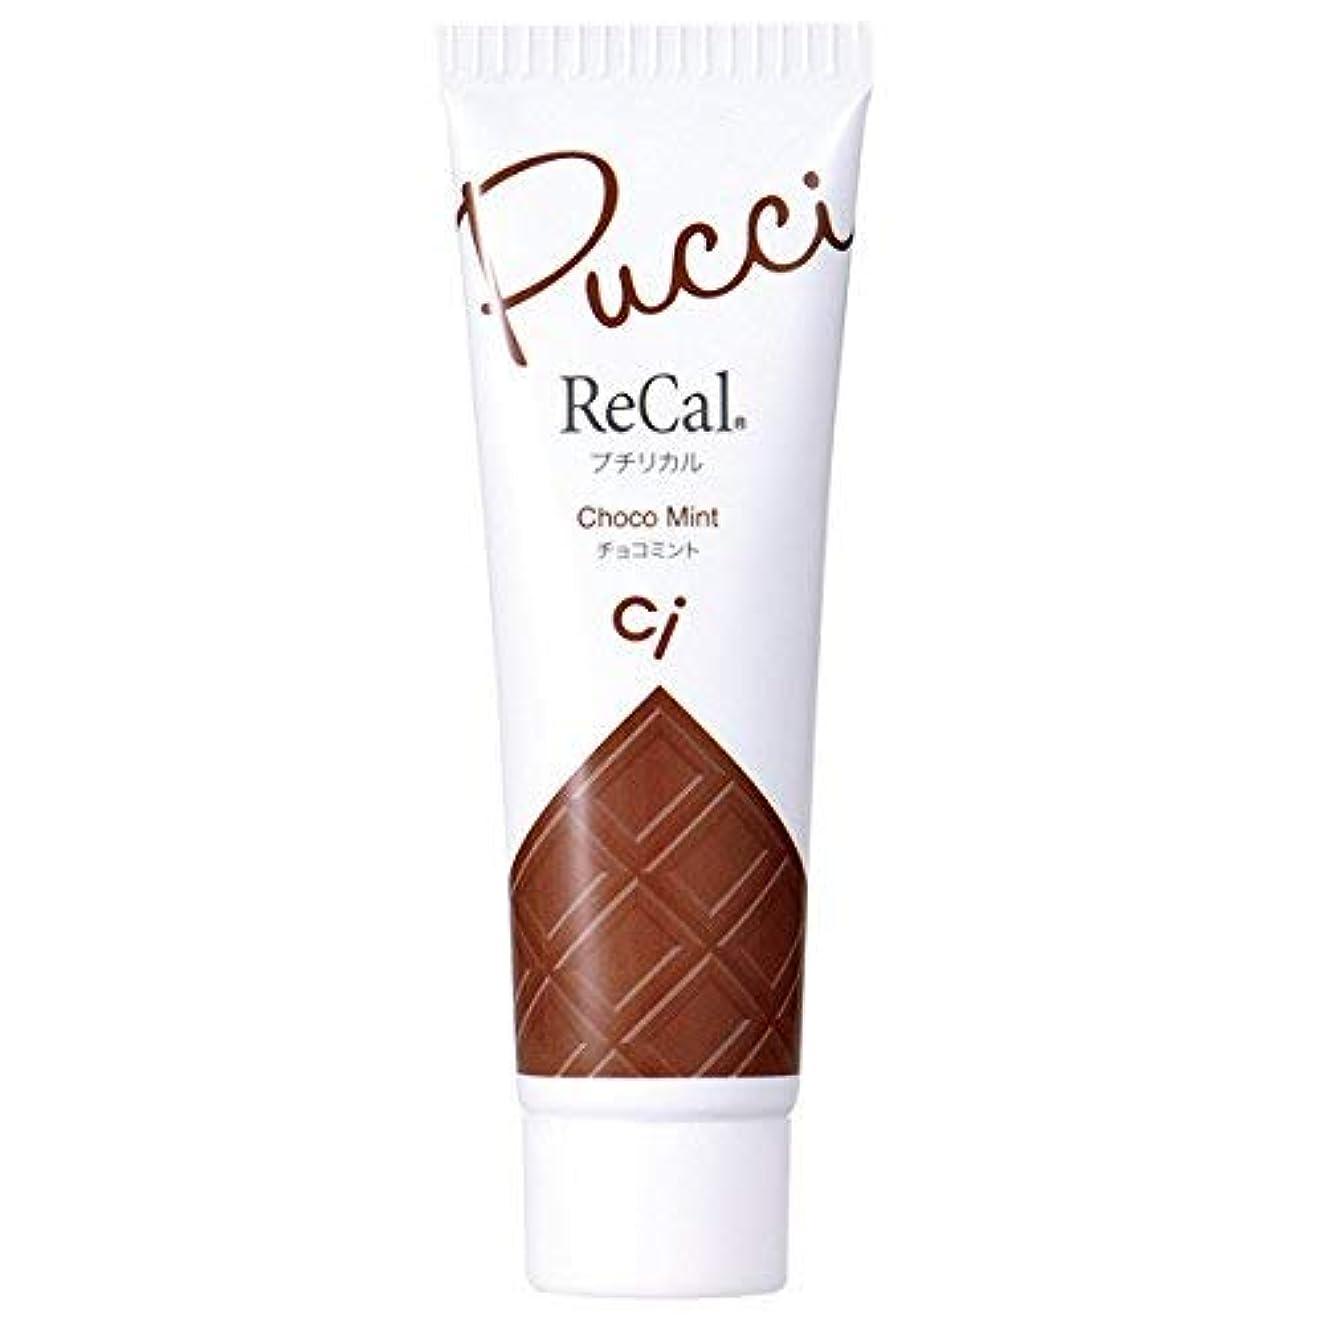 新鮮な不条理Ci プチリカル チョコミント 1本(30g) 歯科専売品